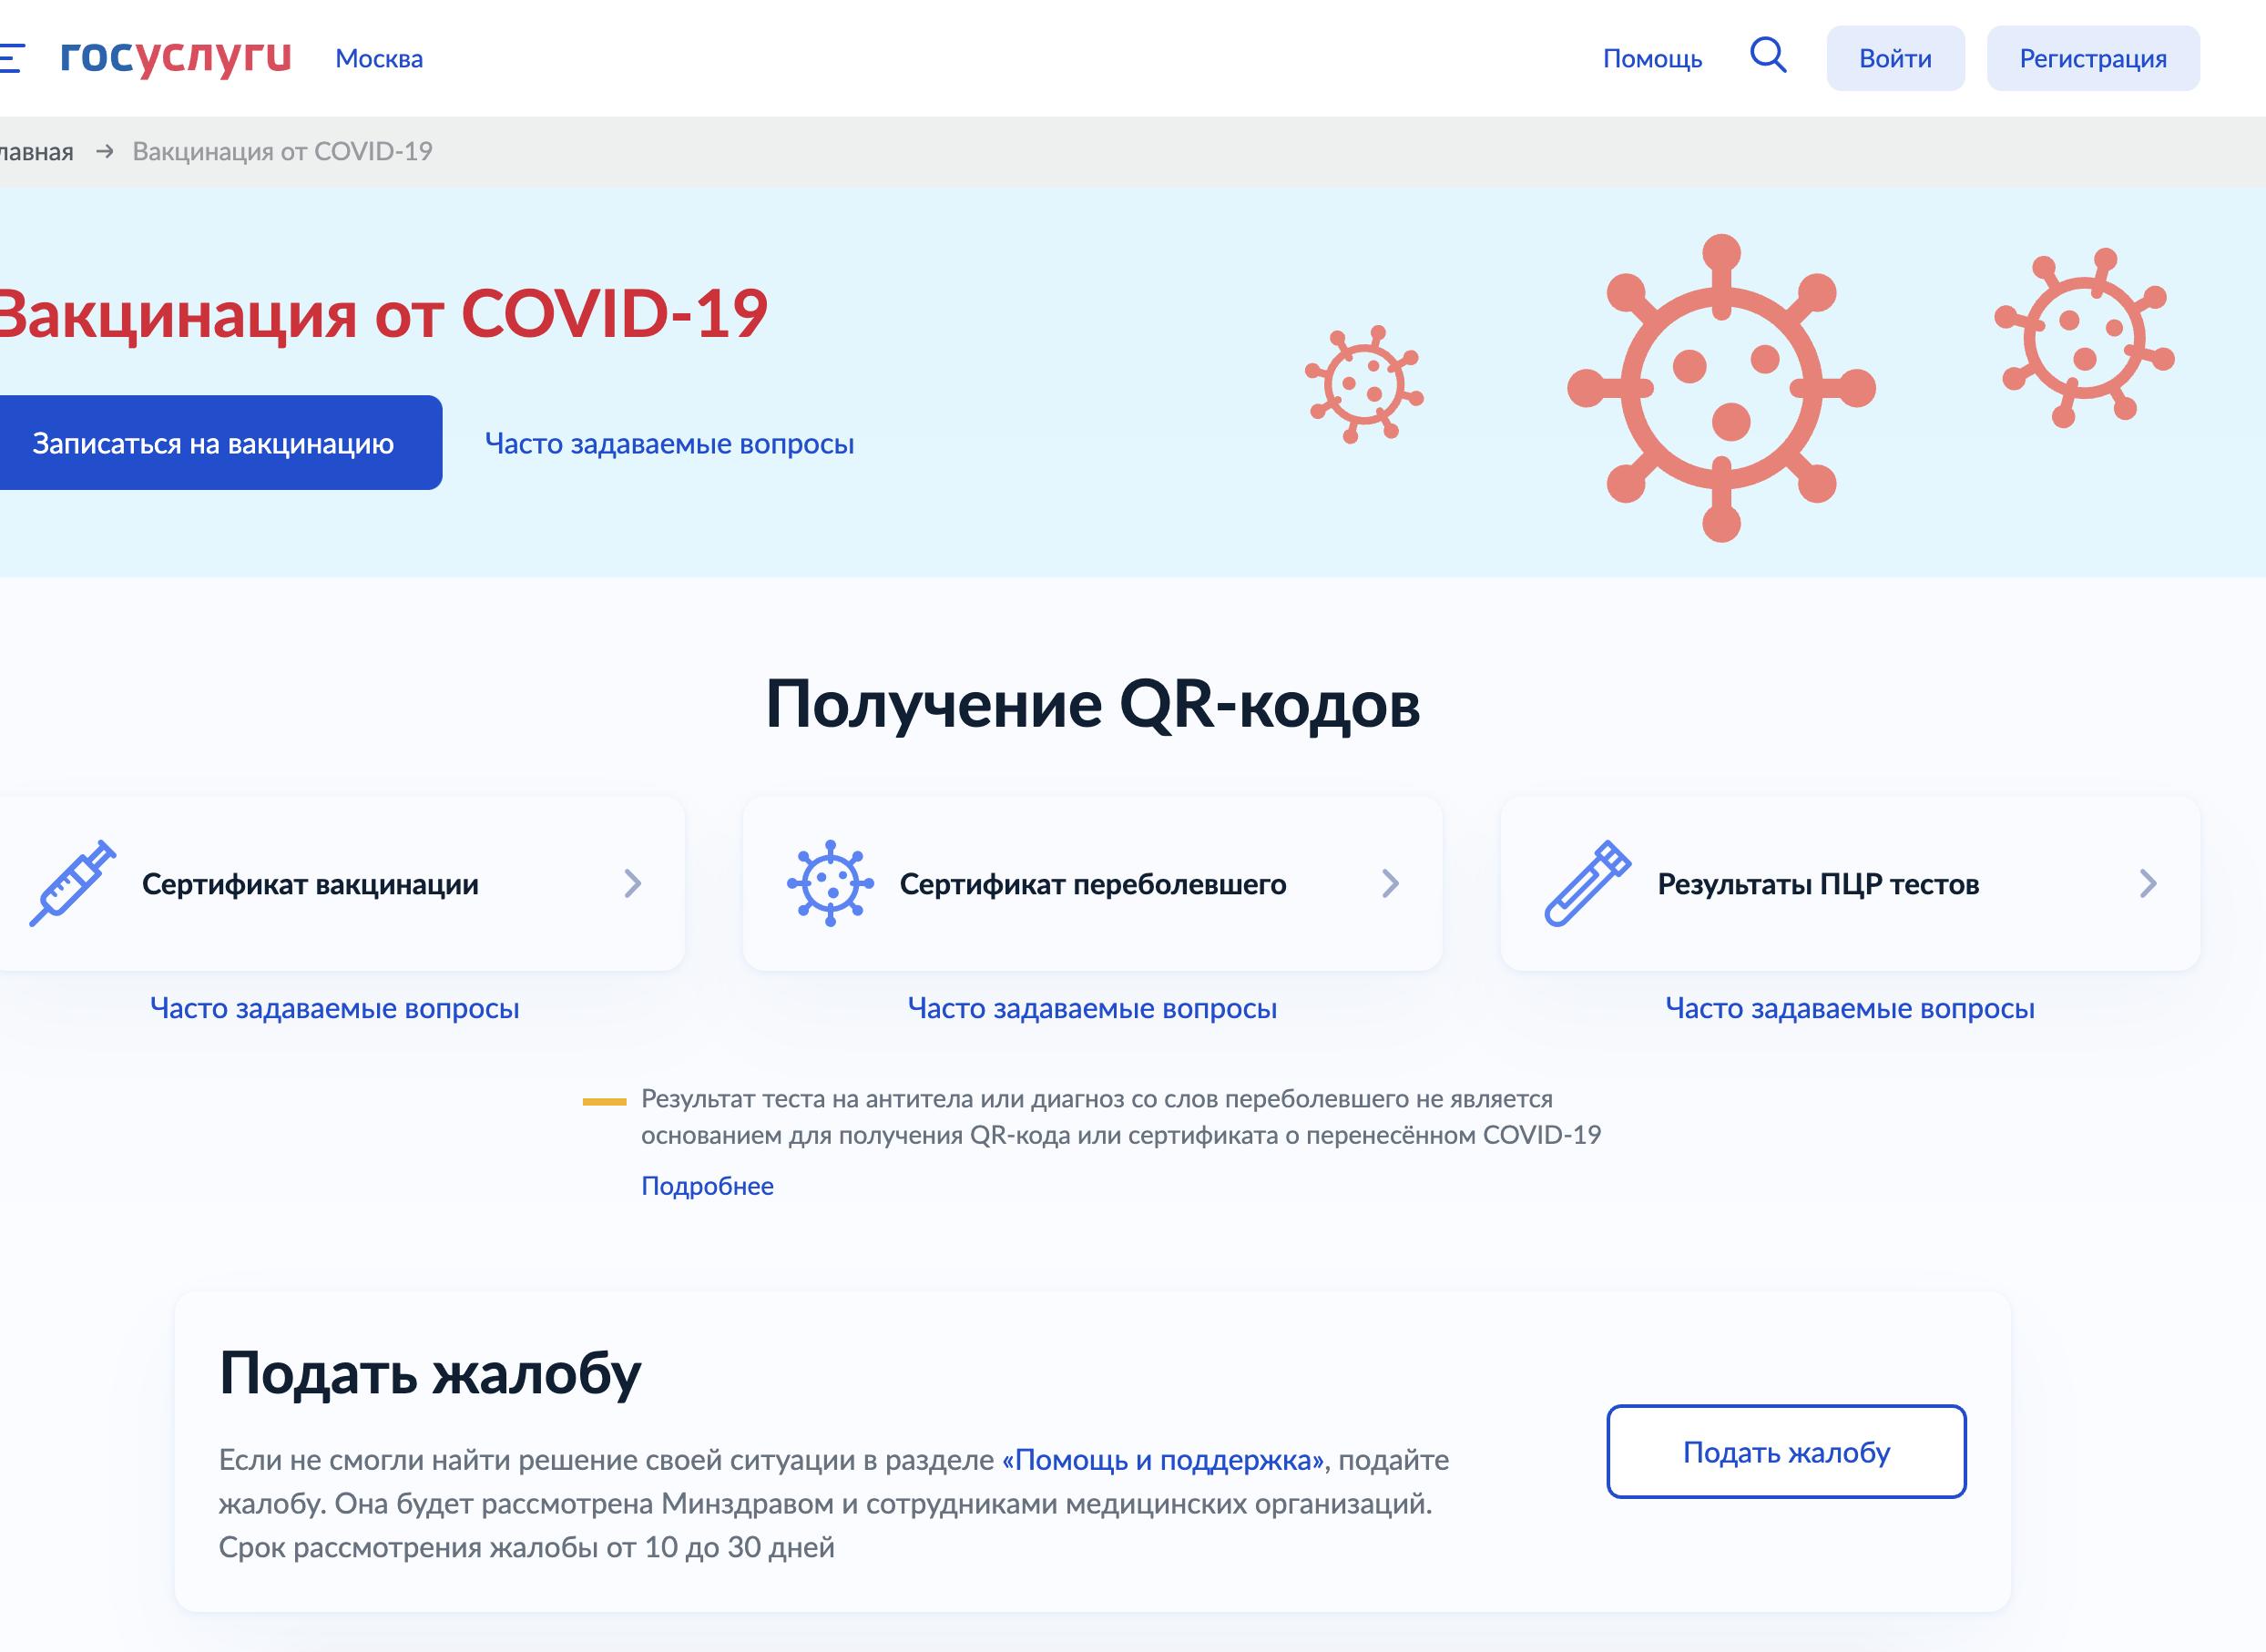 Как узнать на госуслугах результаты теста на Covid-19